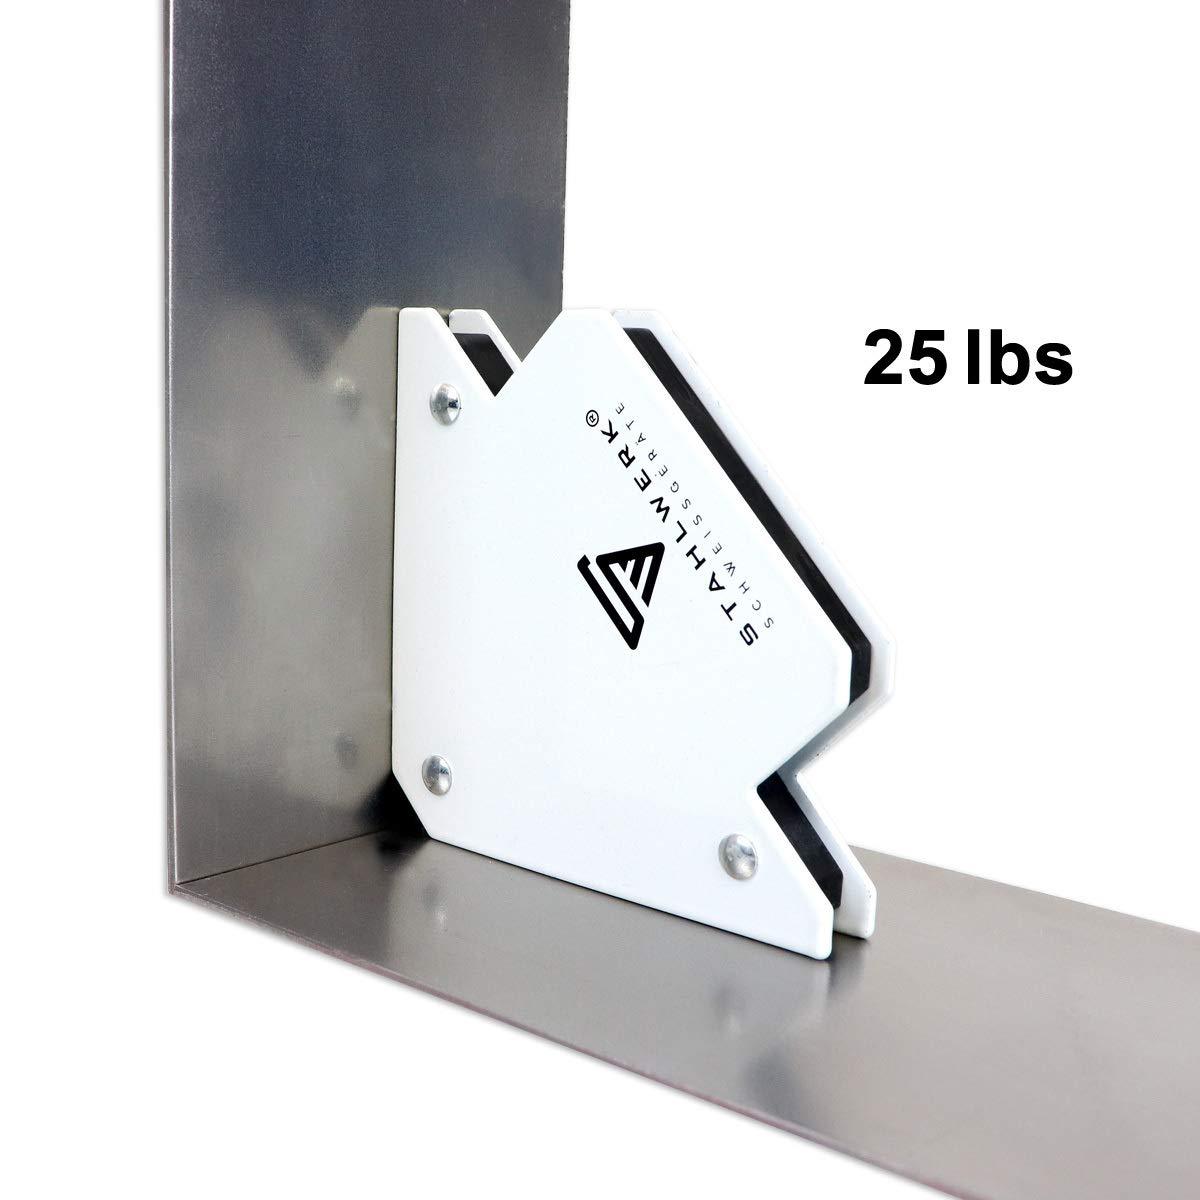 Stahlwerk Aimant de masse commutable jusqu/à 200 A pour c/âble de soudure charge jusqu/à 200 A pince de terre magn/étique qui apporte de la masse /à chaque pi/èce magn/étique